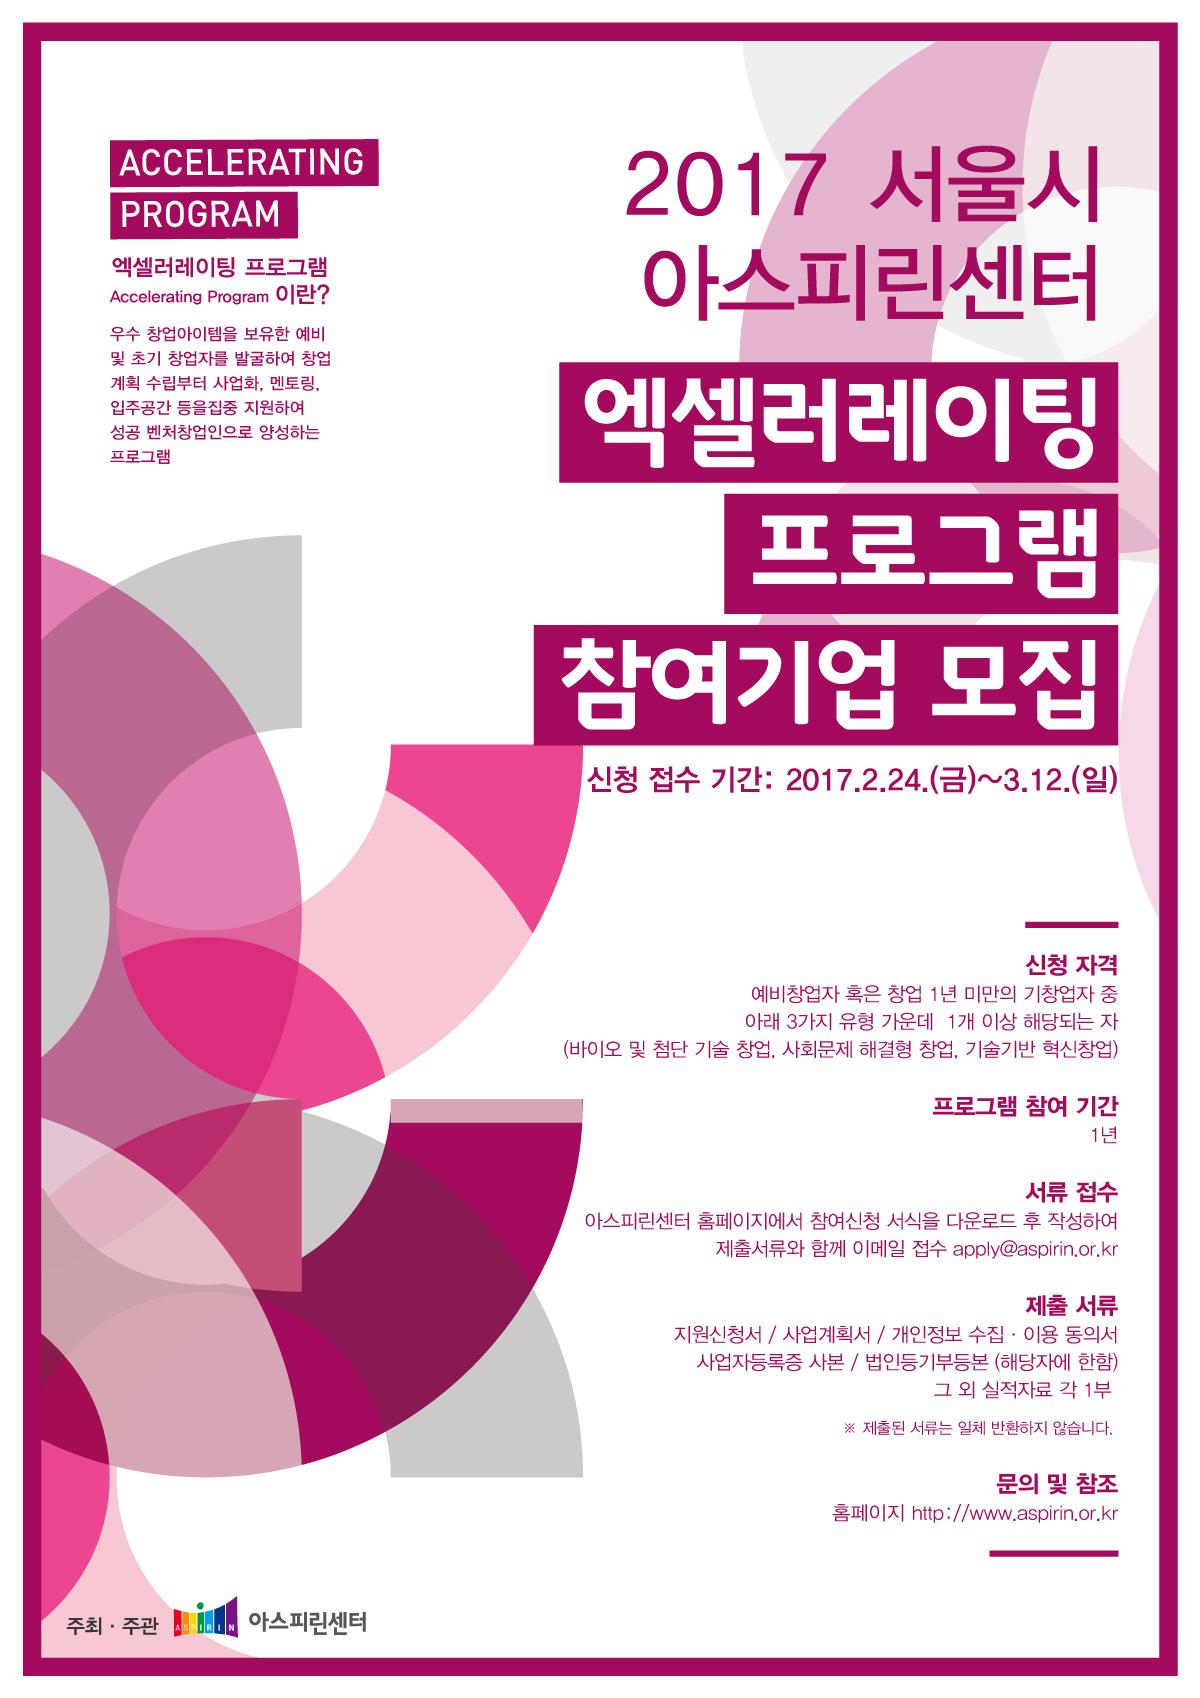 2017 서울시 아스피린센터 엑셀러레이팅 프로그램 참여기업 모집 (~3/12)